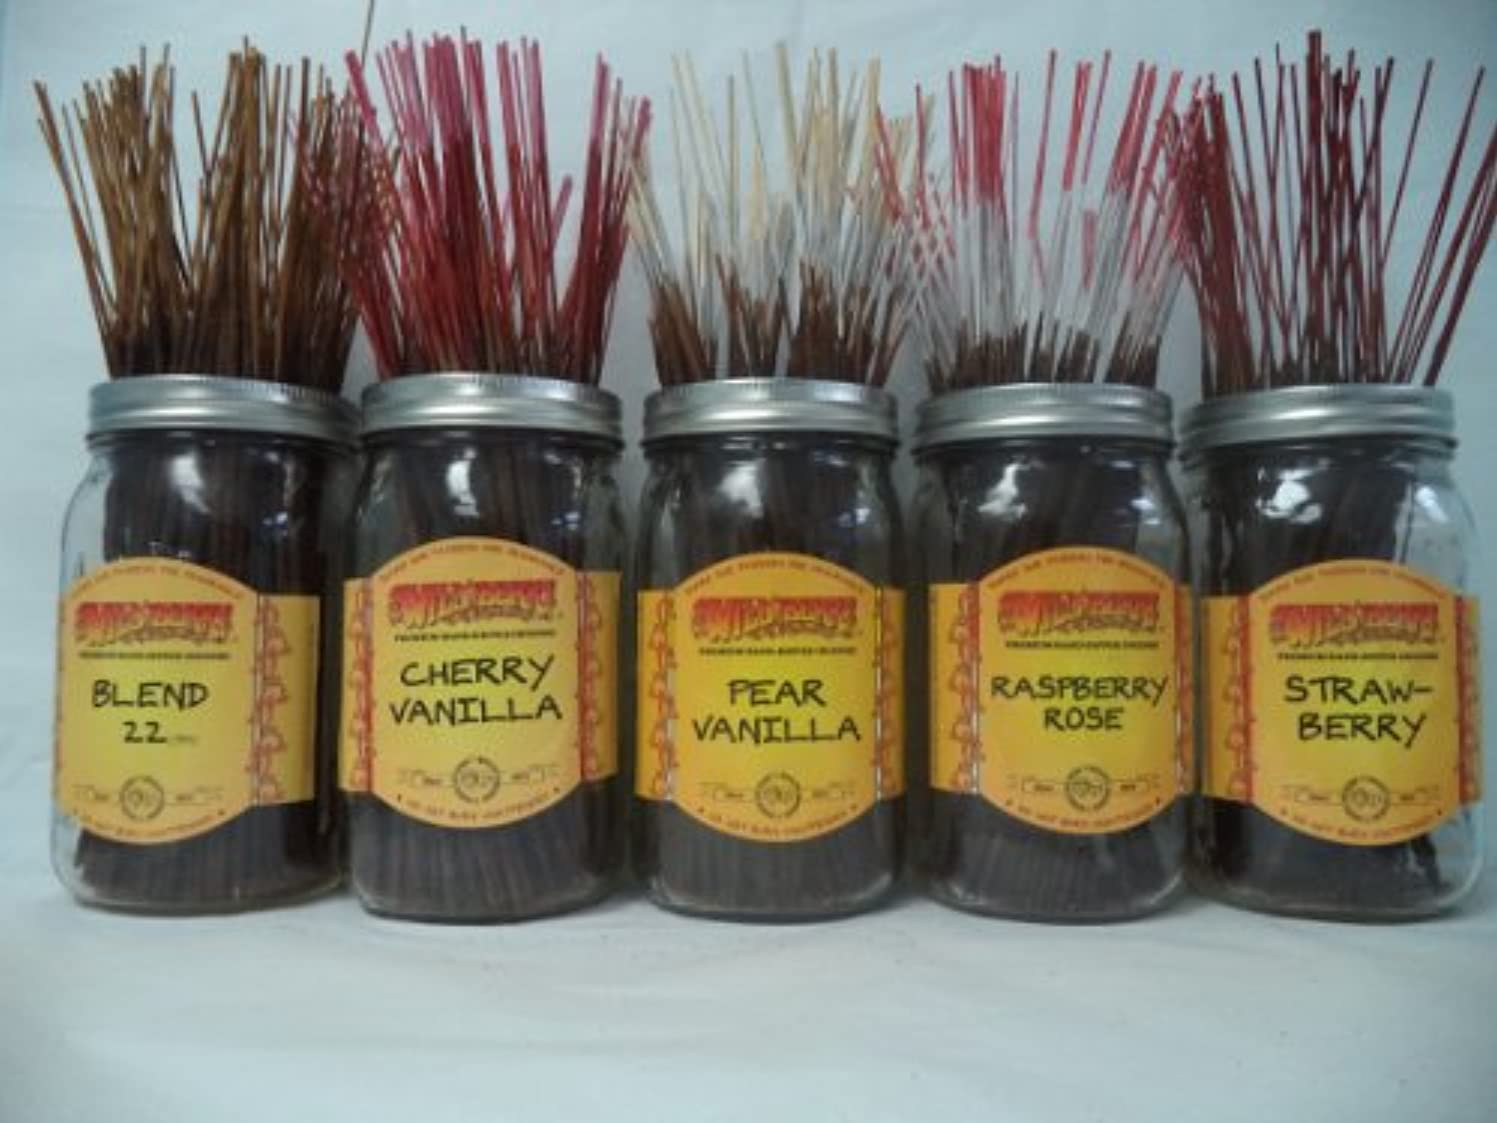 イブニングクッション脚本Wildberry Incense Sticksフルーツ香りセット# 1 : 4 Sticks各5の香り、合計20 Sticks 。